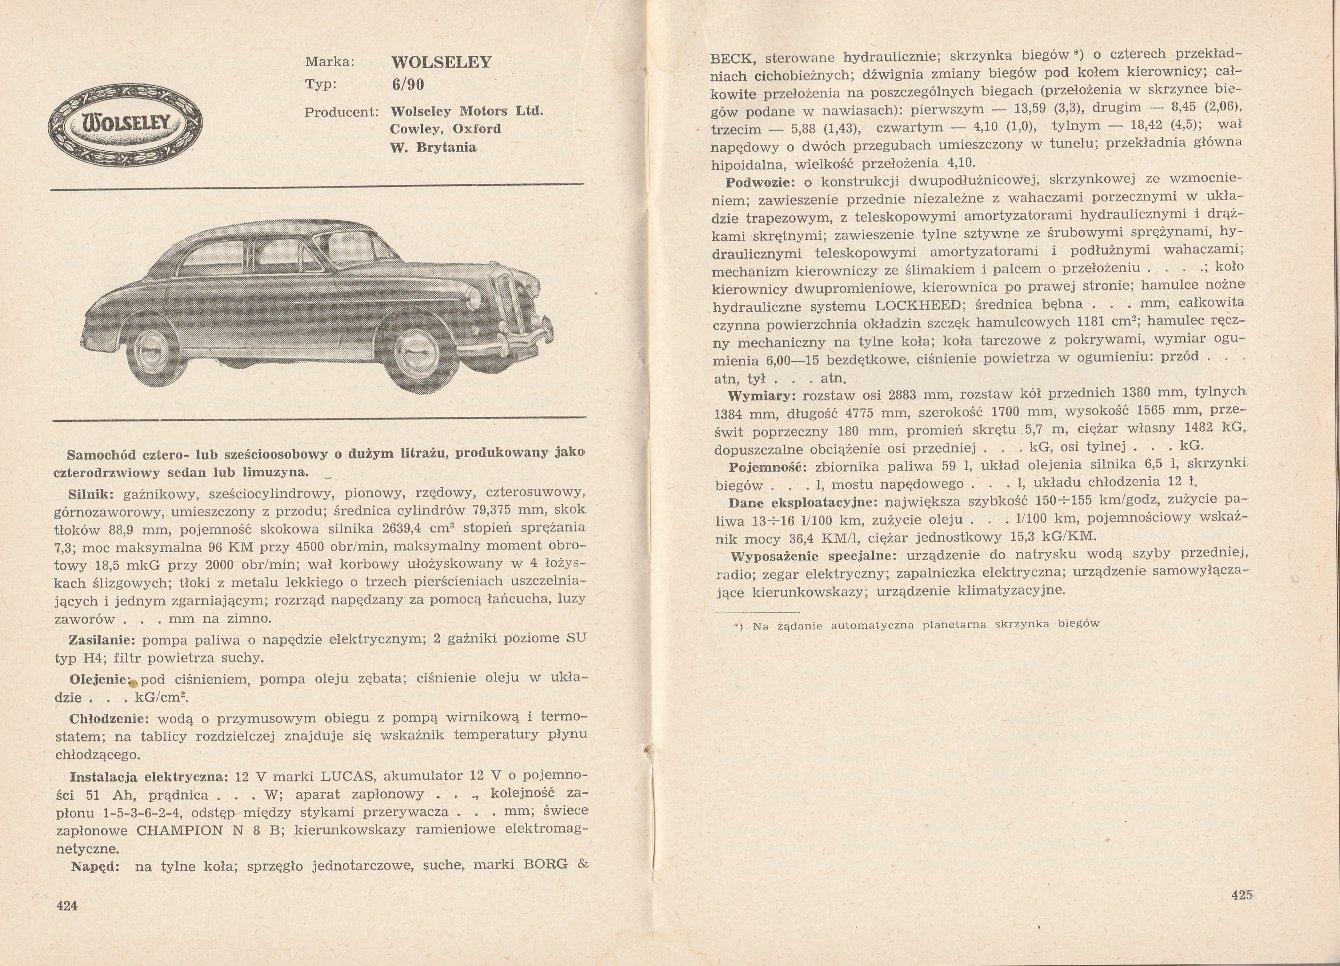 Samochody Osobowe 1956 1958 Opisy Techniczne Srl 7386119412